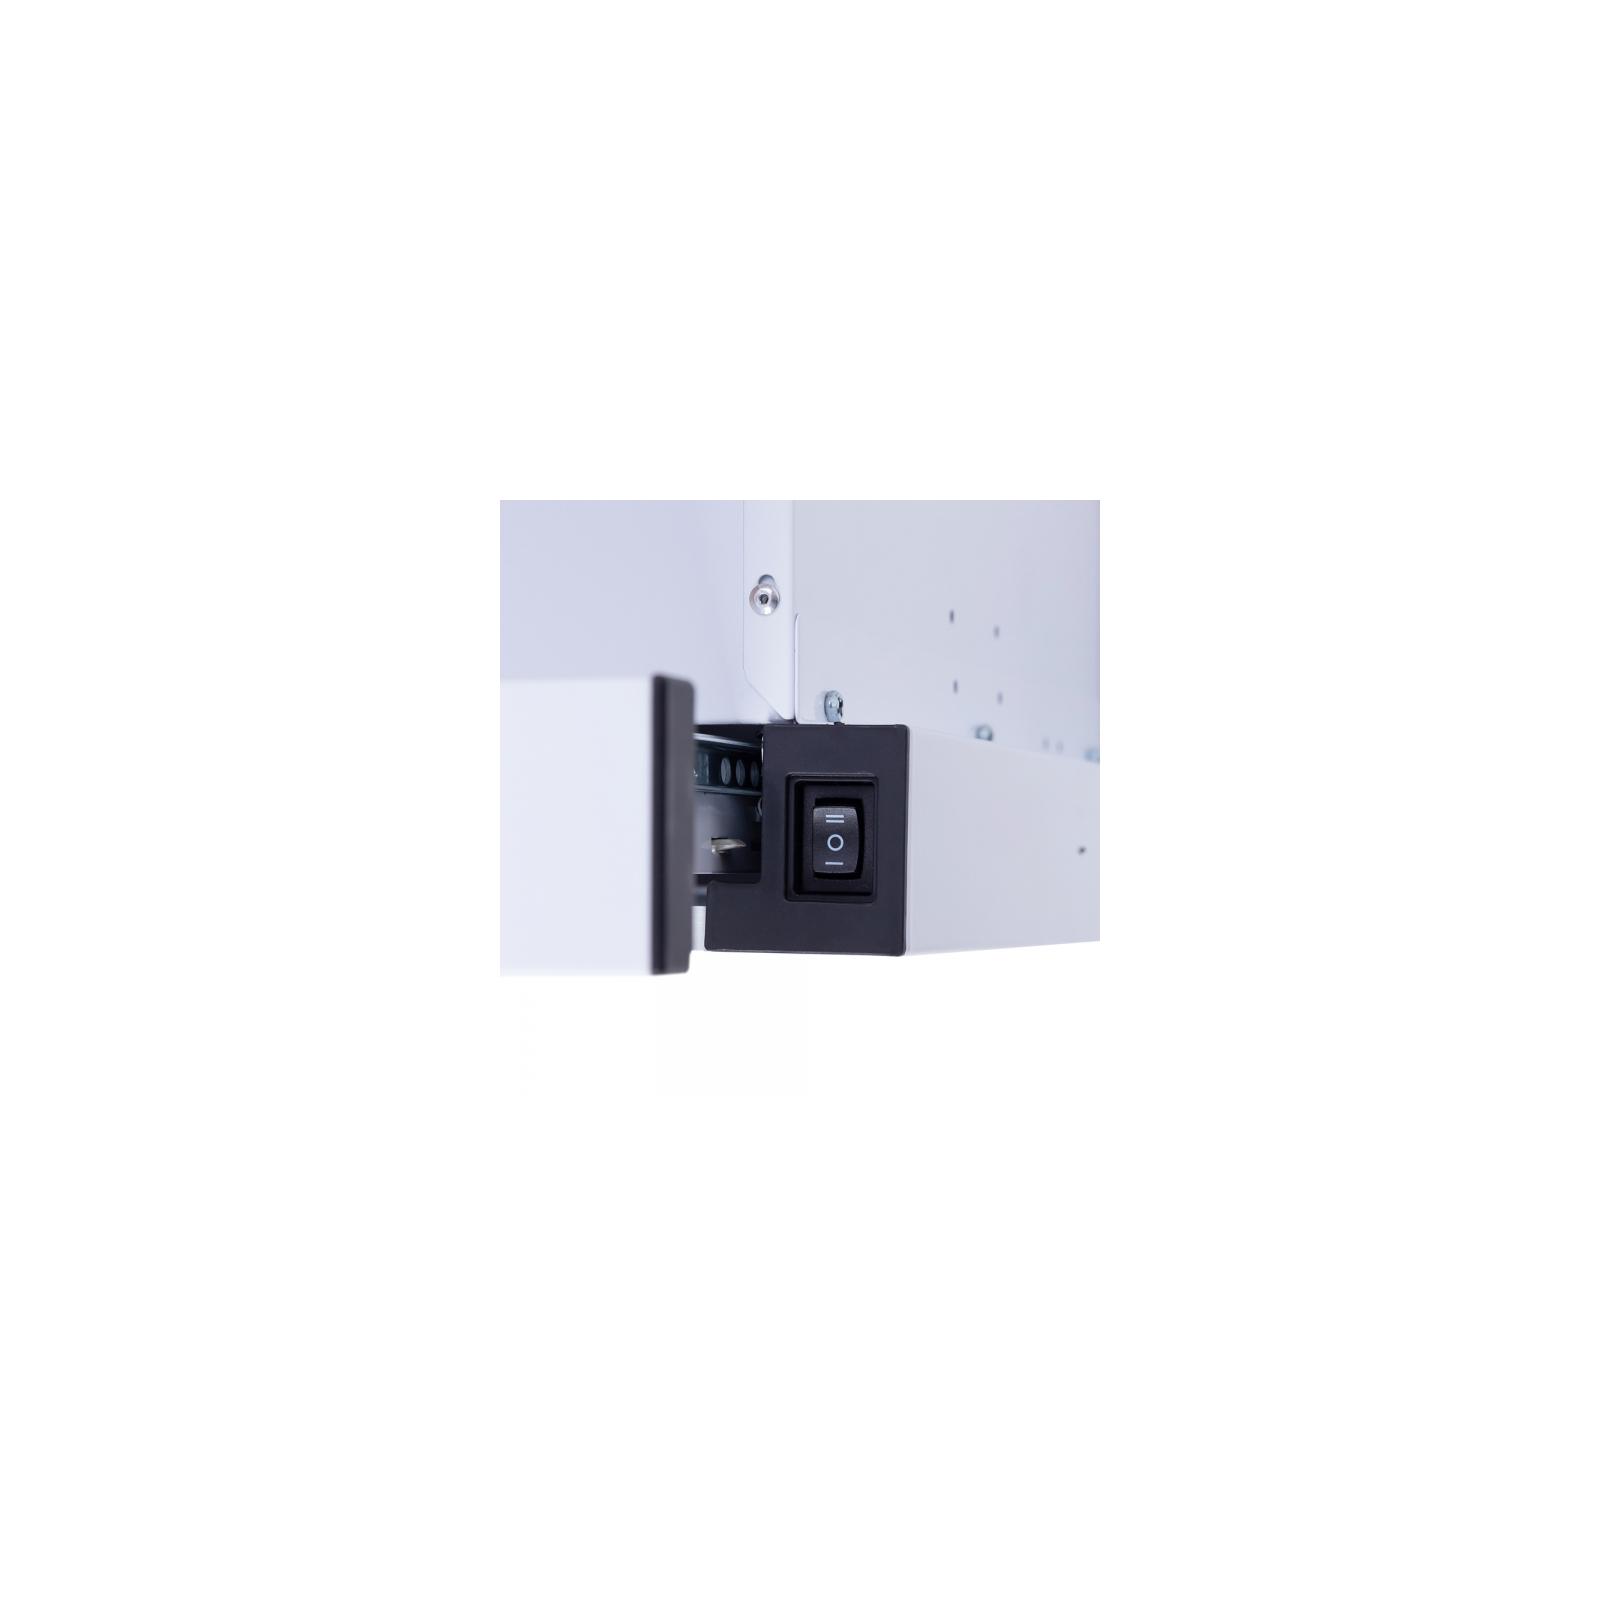 Вытяжка кухонная Minola HTL 5314 WH 750 LED изображение 11